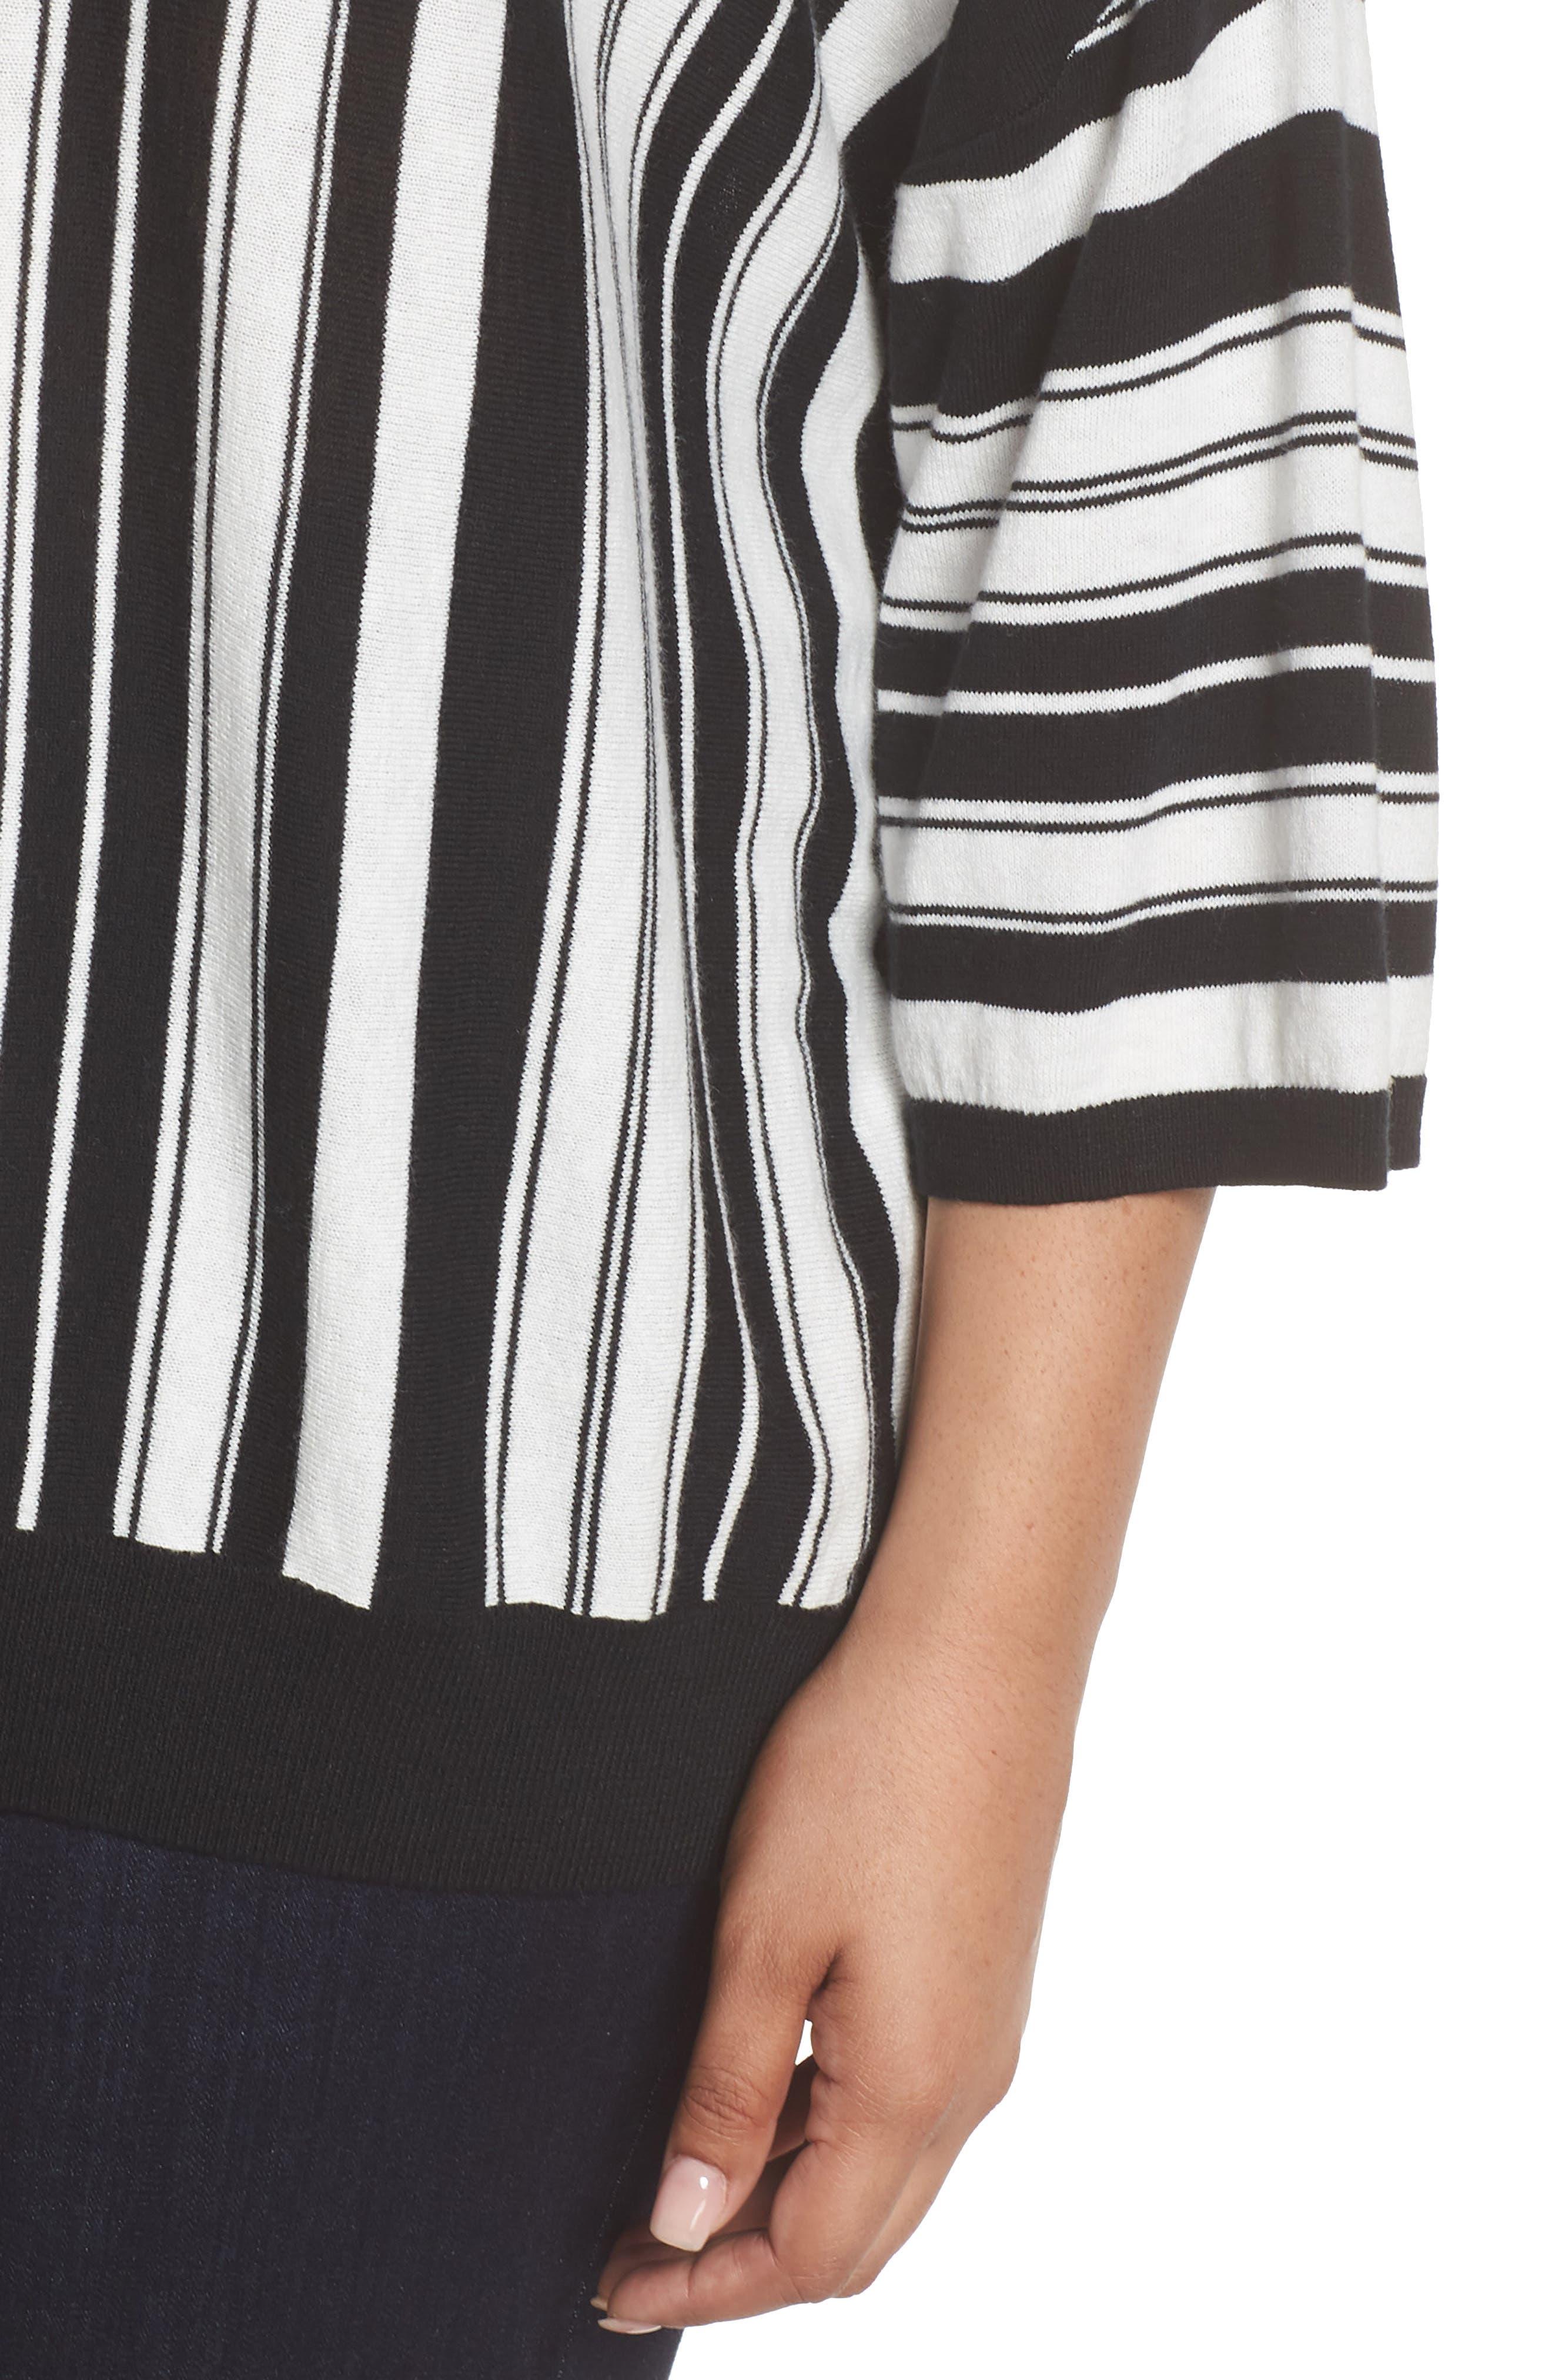 Stripe Pullover,                             Alternate thumbnail 4, color,                             BLACK- WHITE FIERCE STRIPE